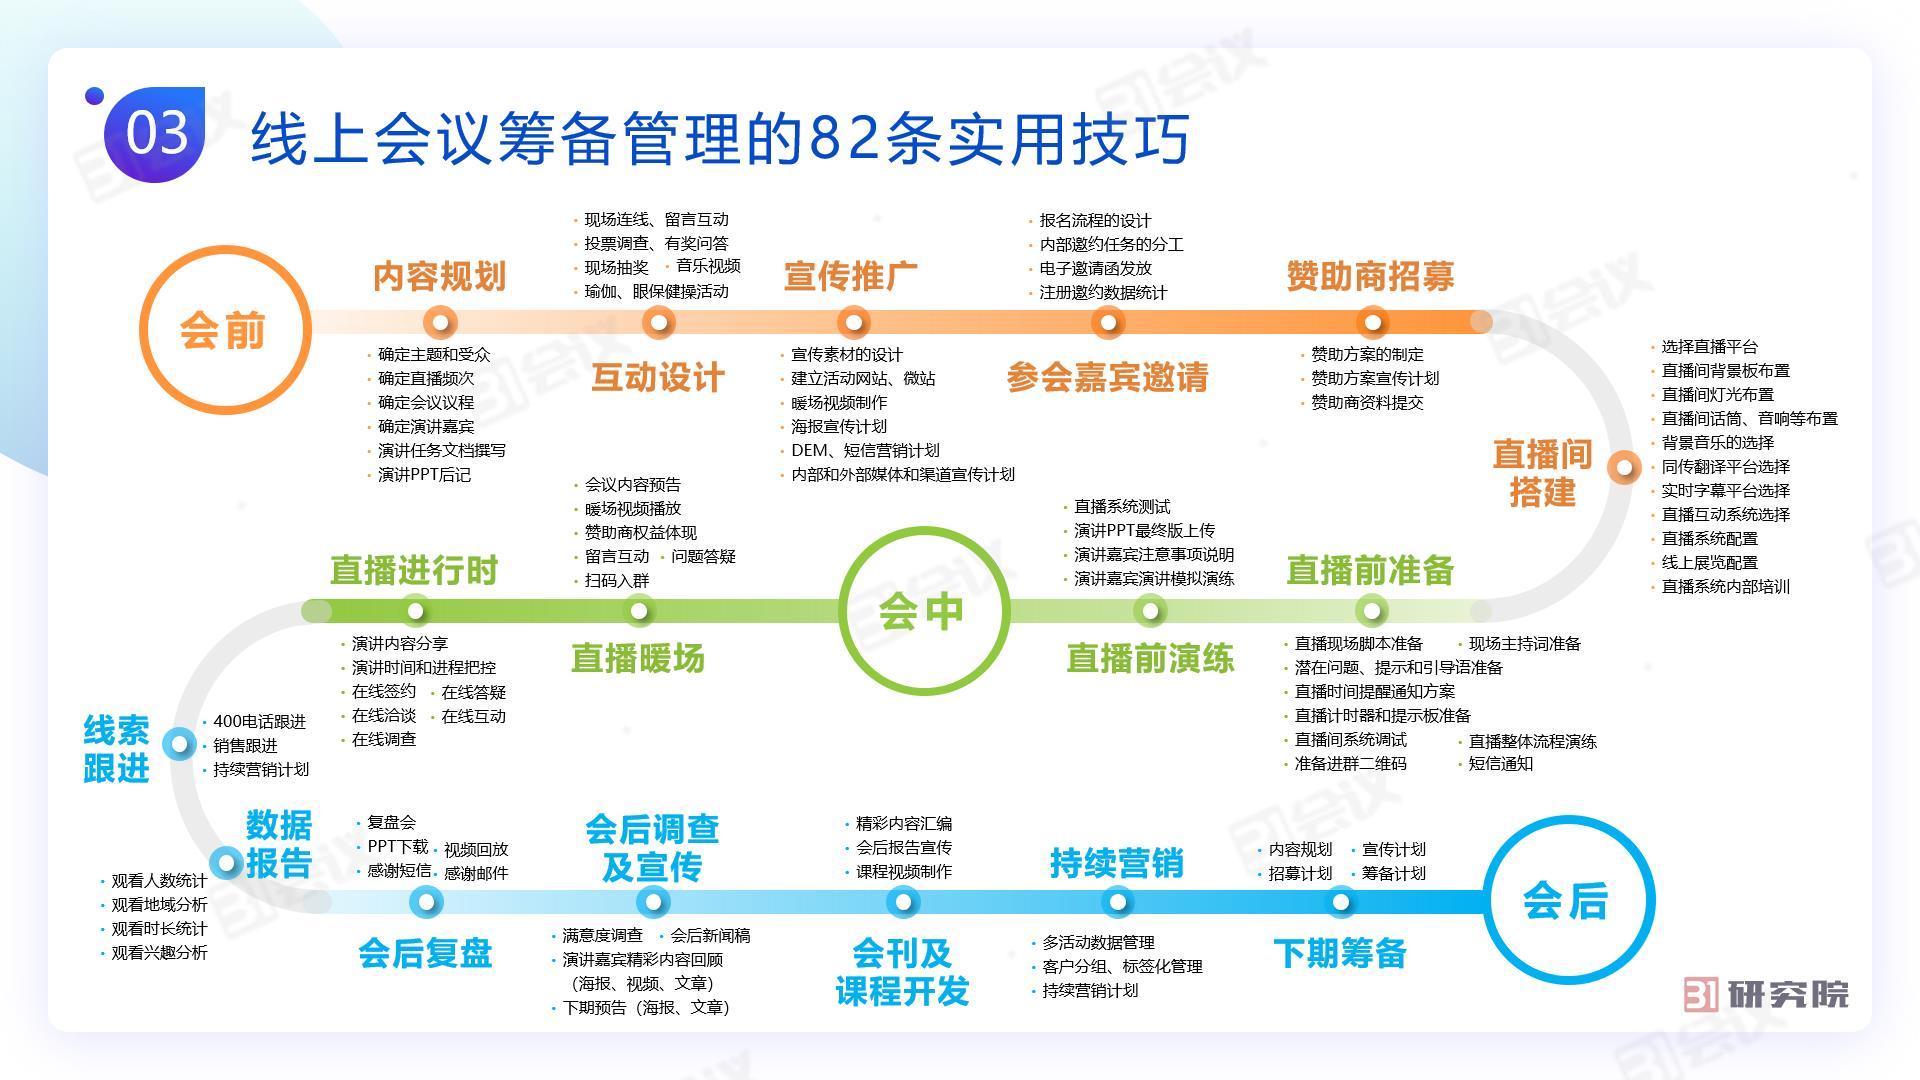 03 31会议线上会议行动指南 线上会议流程.jpg